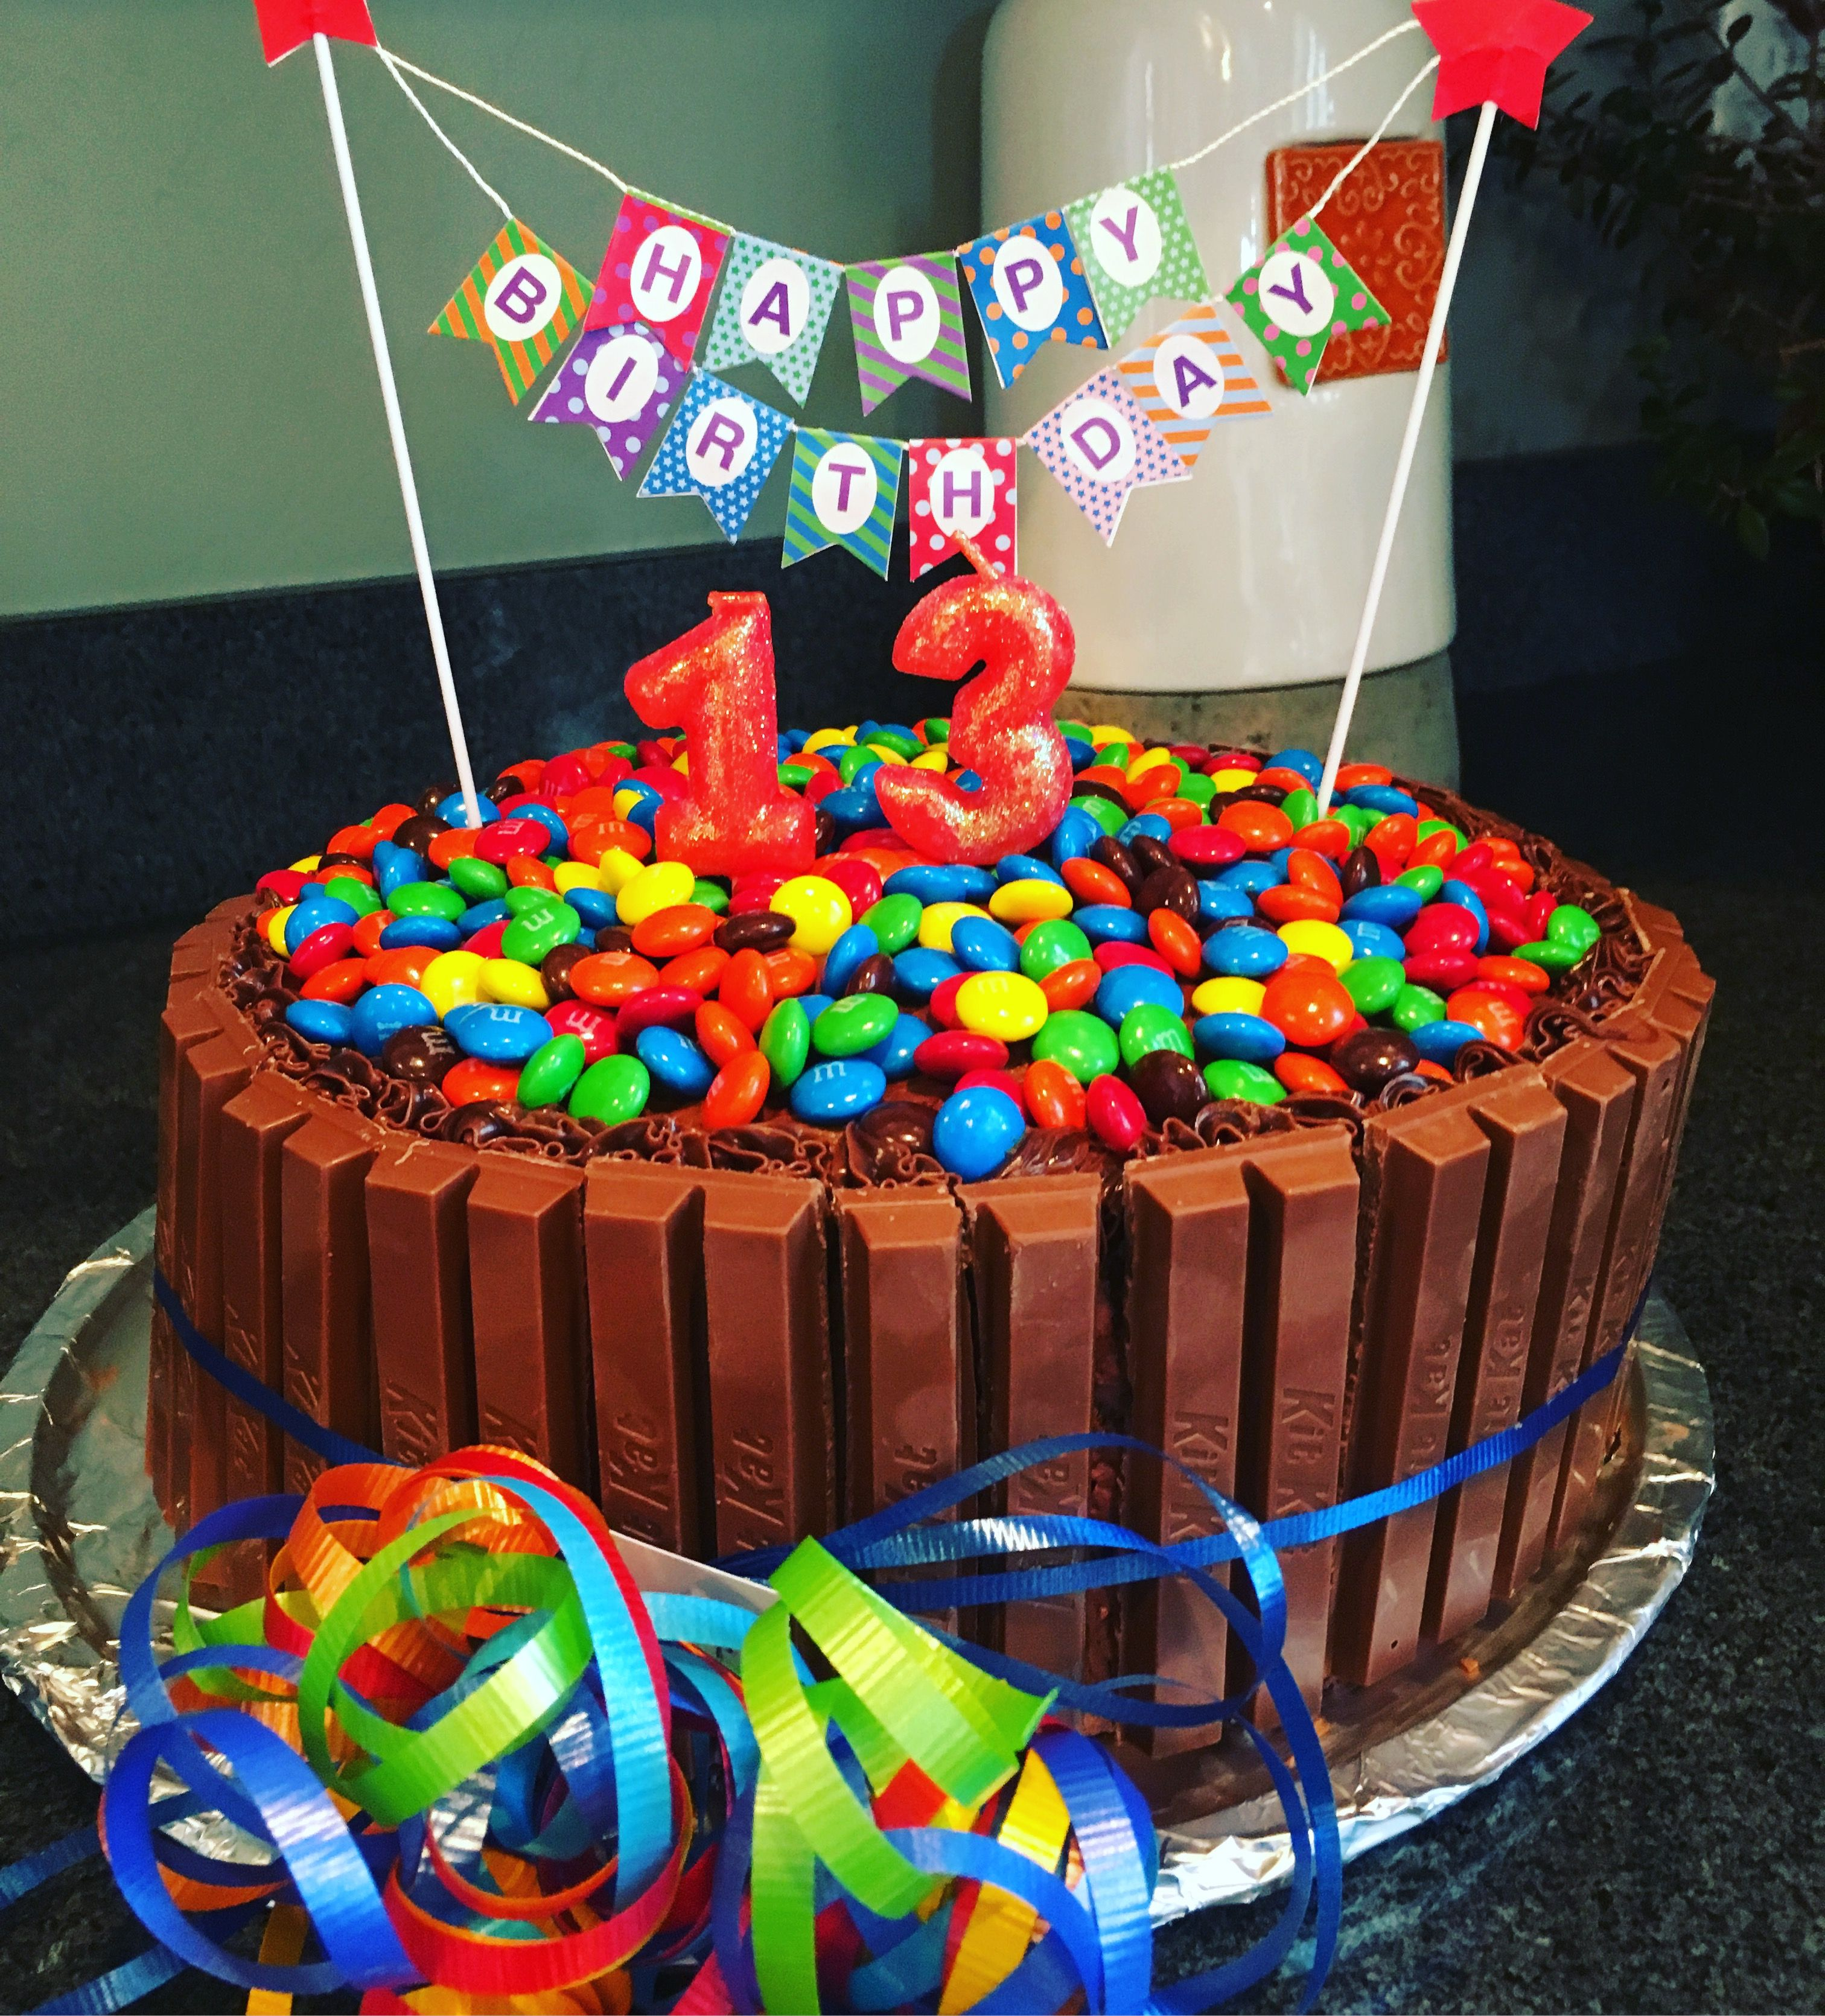 Candy Cake 13th Birthday Kitkat Cake Happy Birthday